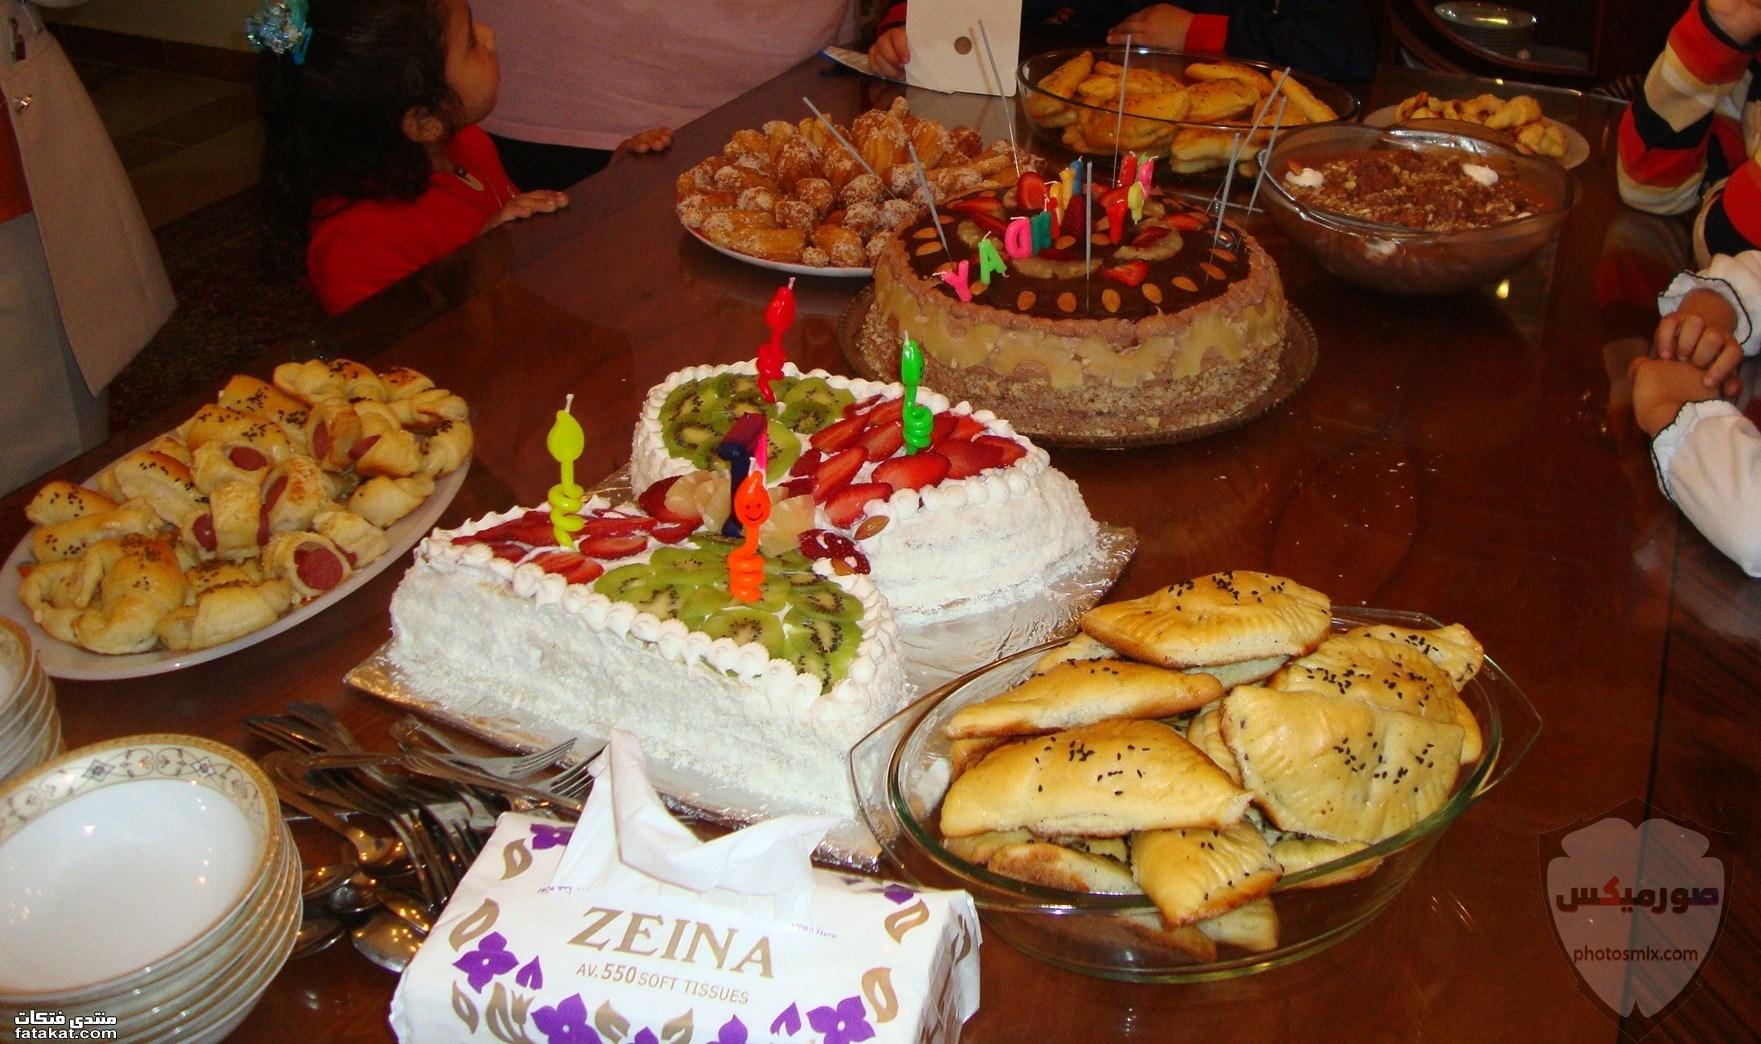 صور عيد ميلاد سعيد 2020 صور تورتة تهنئة لأعياد الميلاد 2021 صور happy birth day 19